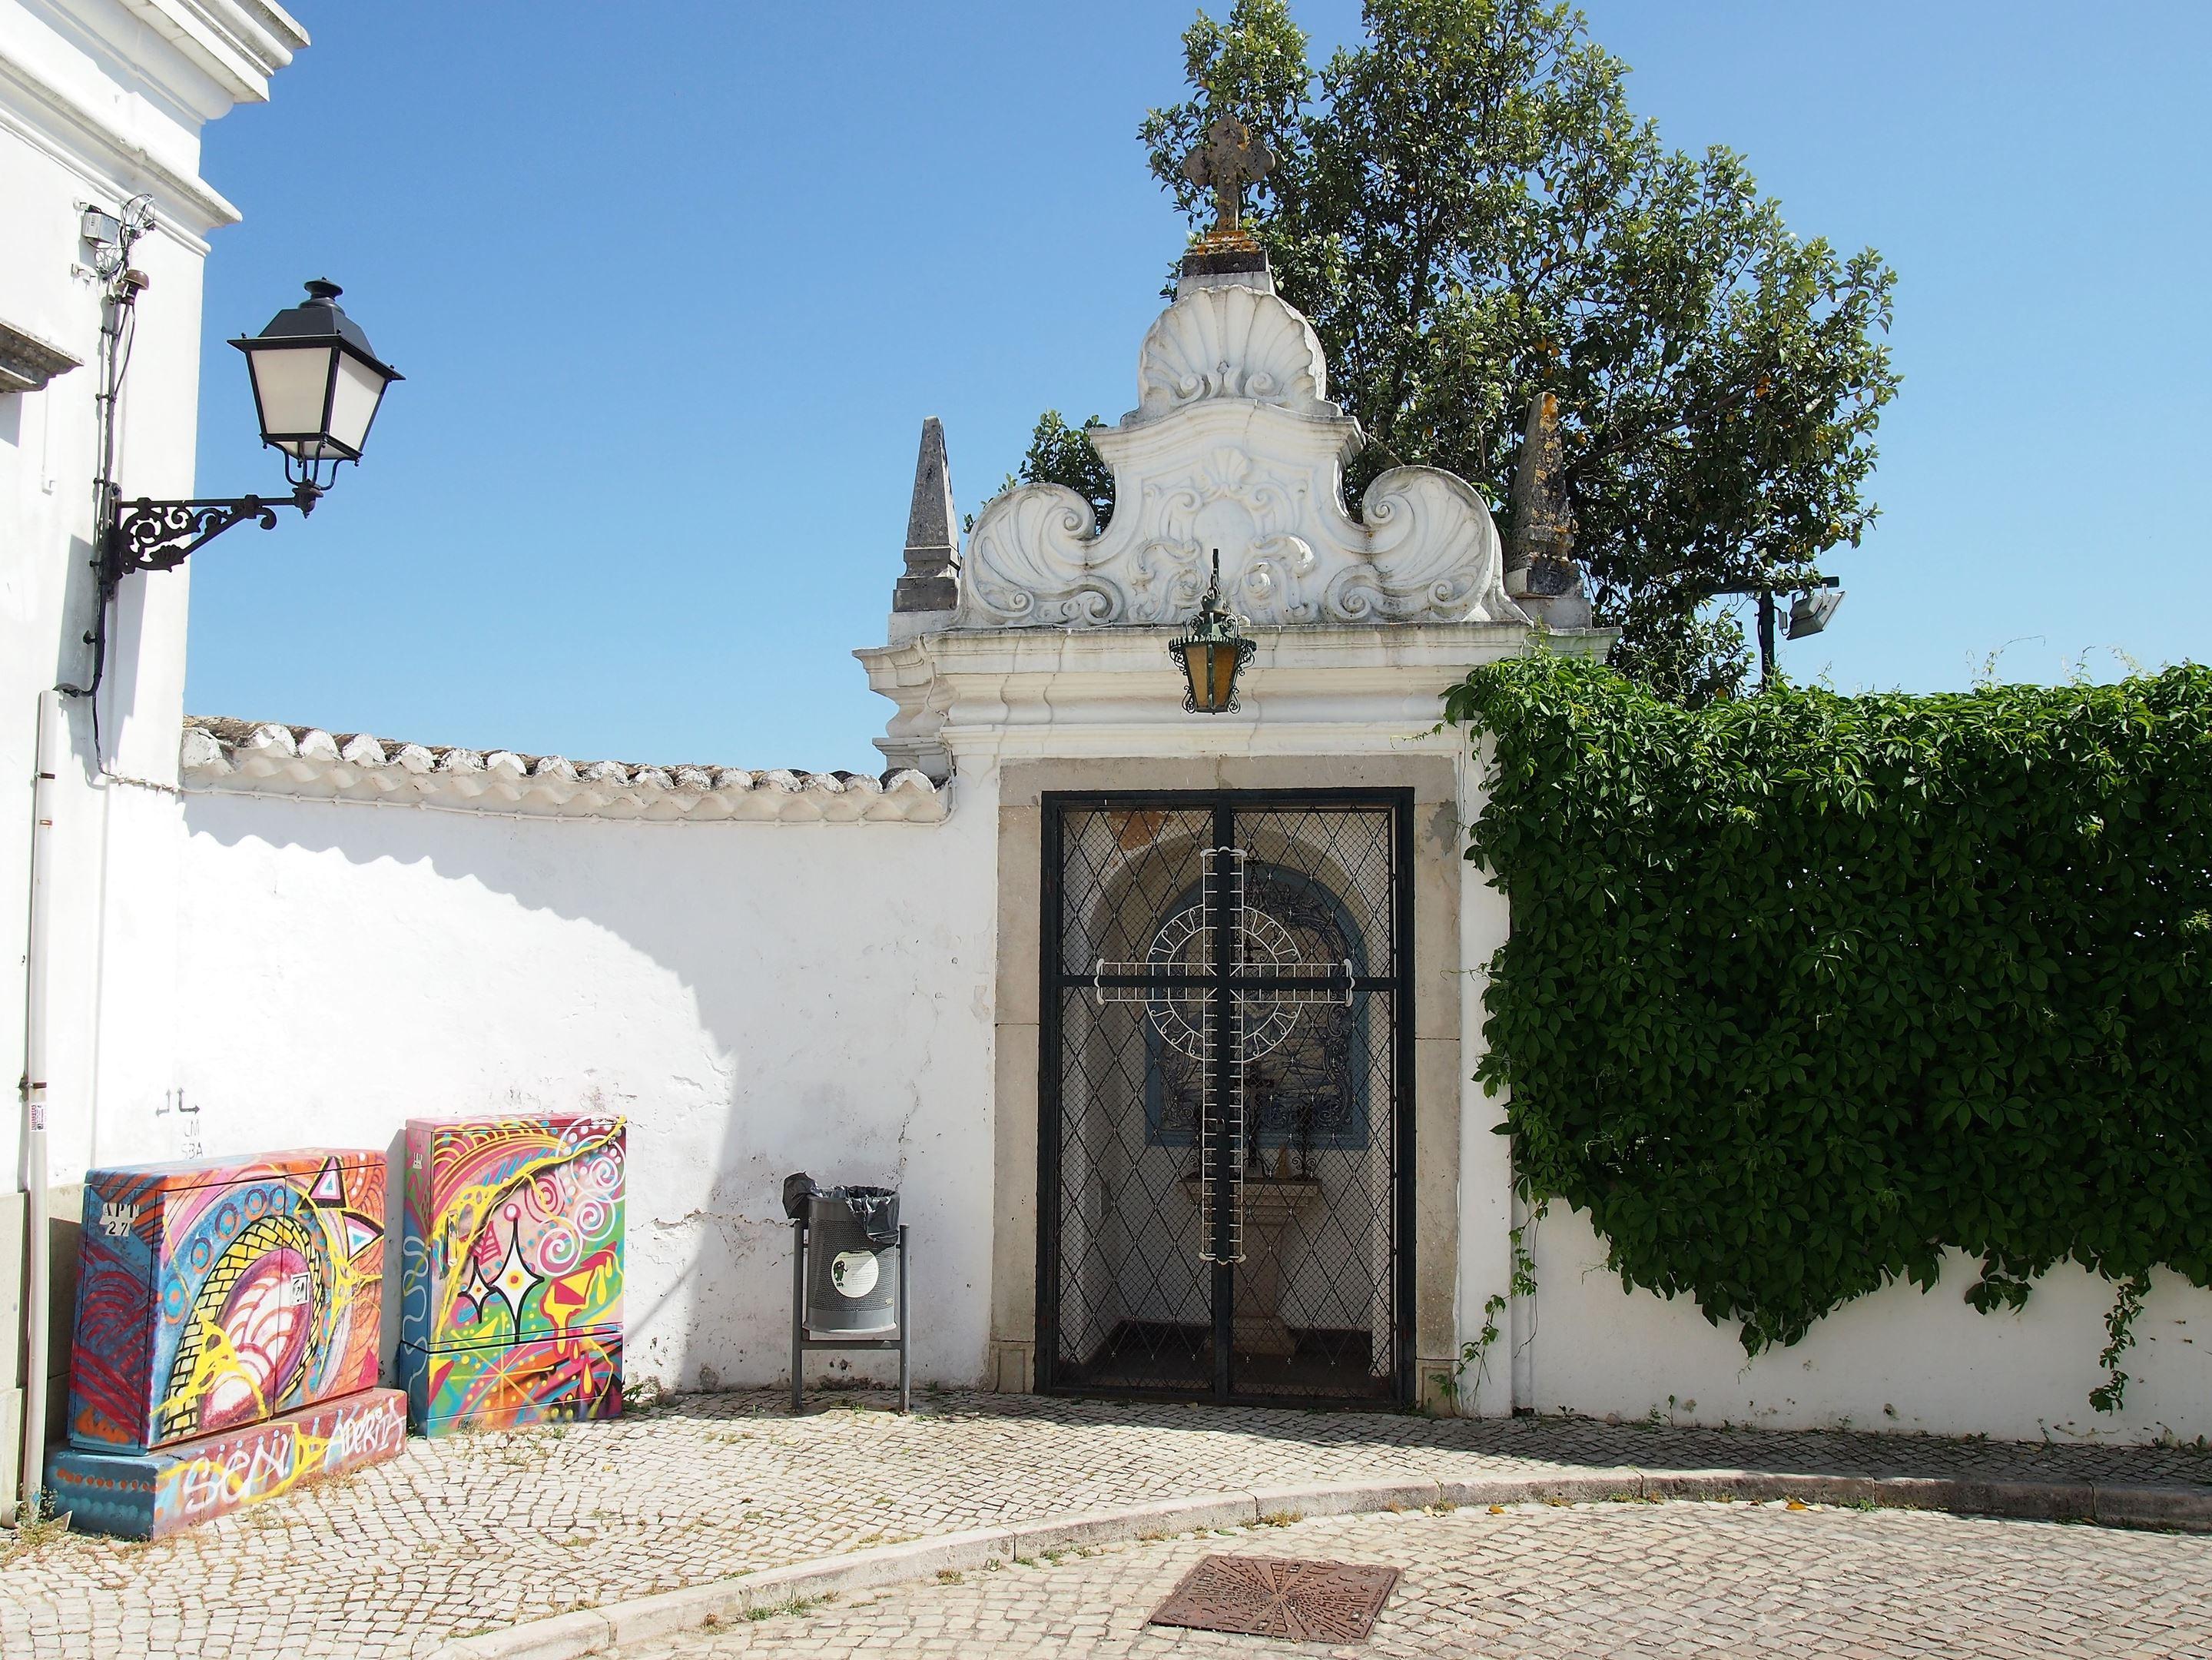 Entrada del Jardim da Verbena, São Brás de Alportel. Este jardín es todo lo que queda de un antiguo palacio donde se alojaban los obispos del Algarve en verano.